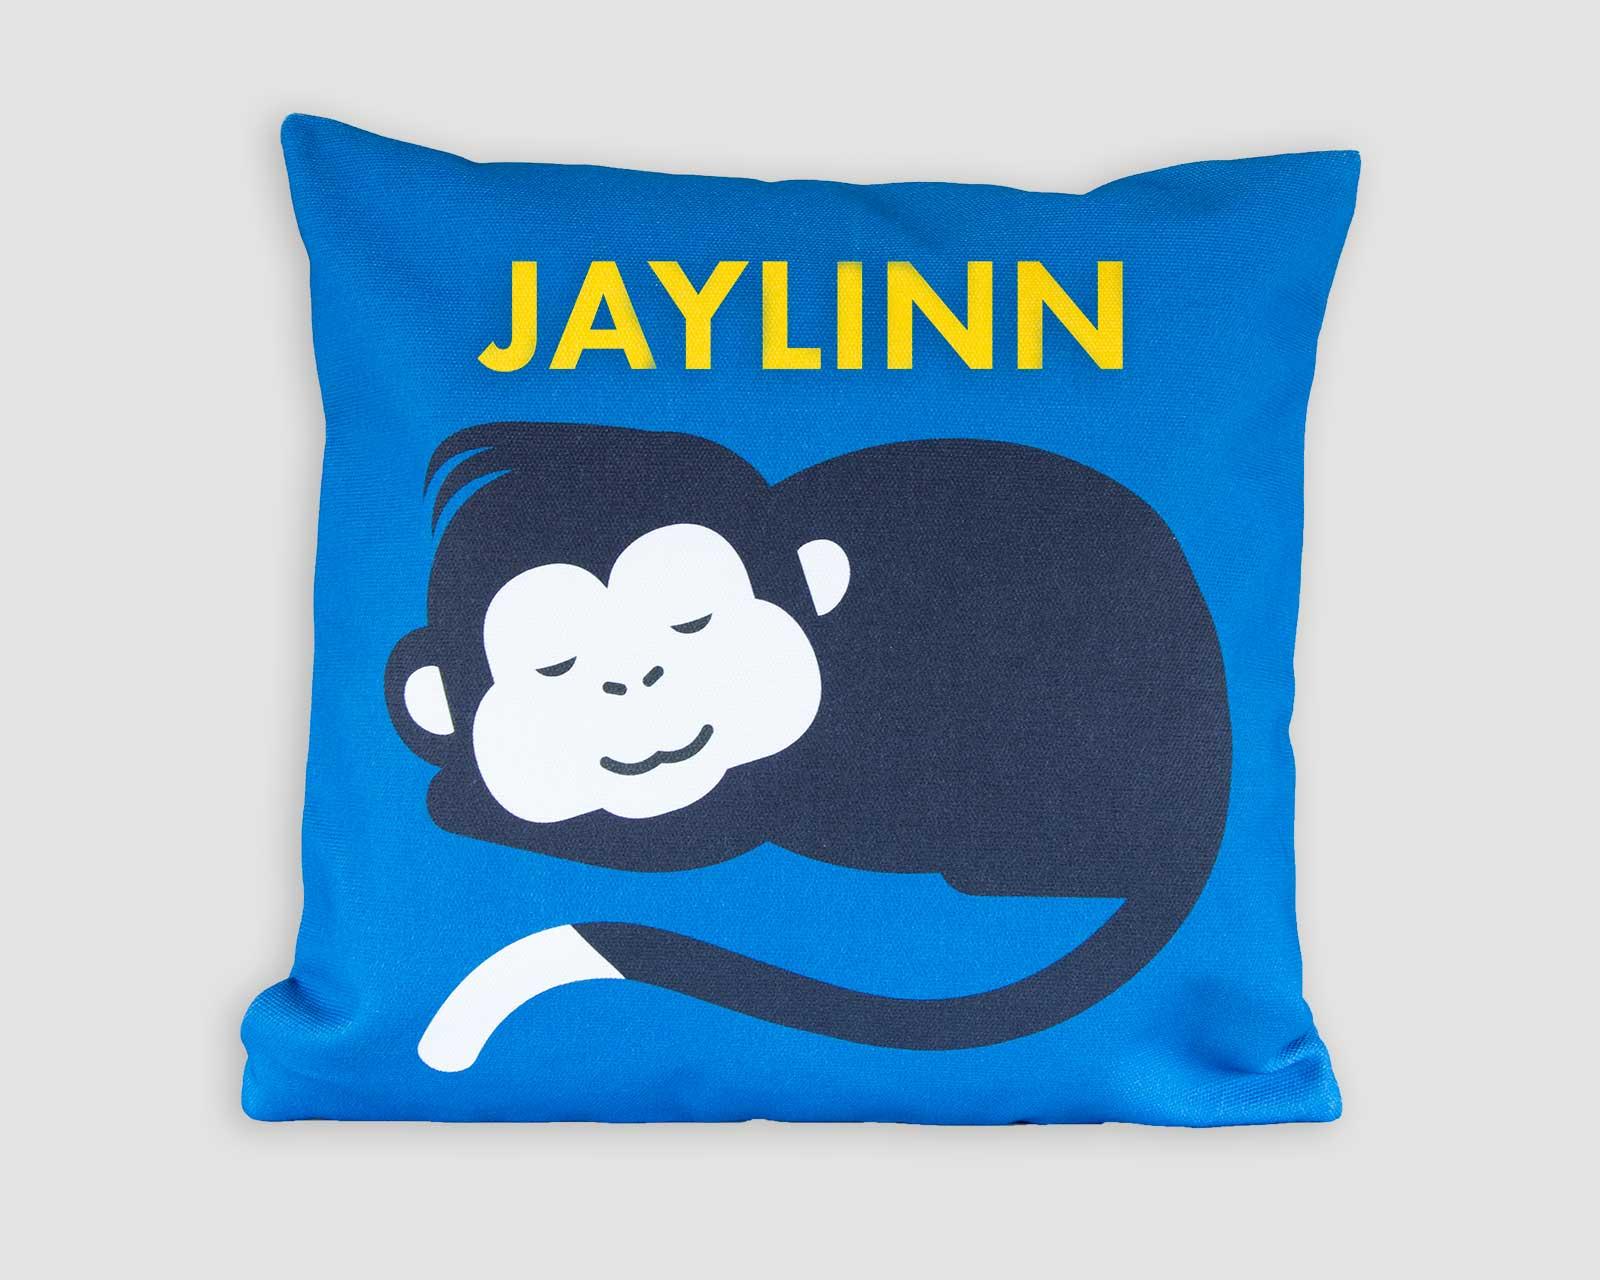 Kussenhoes gepersonaliseerd kraamcadeau met naam aapje blauw